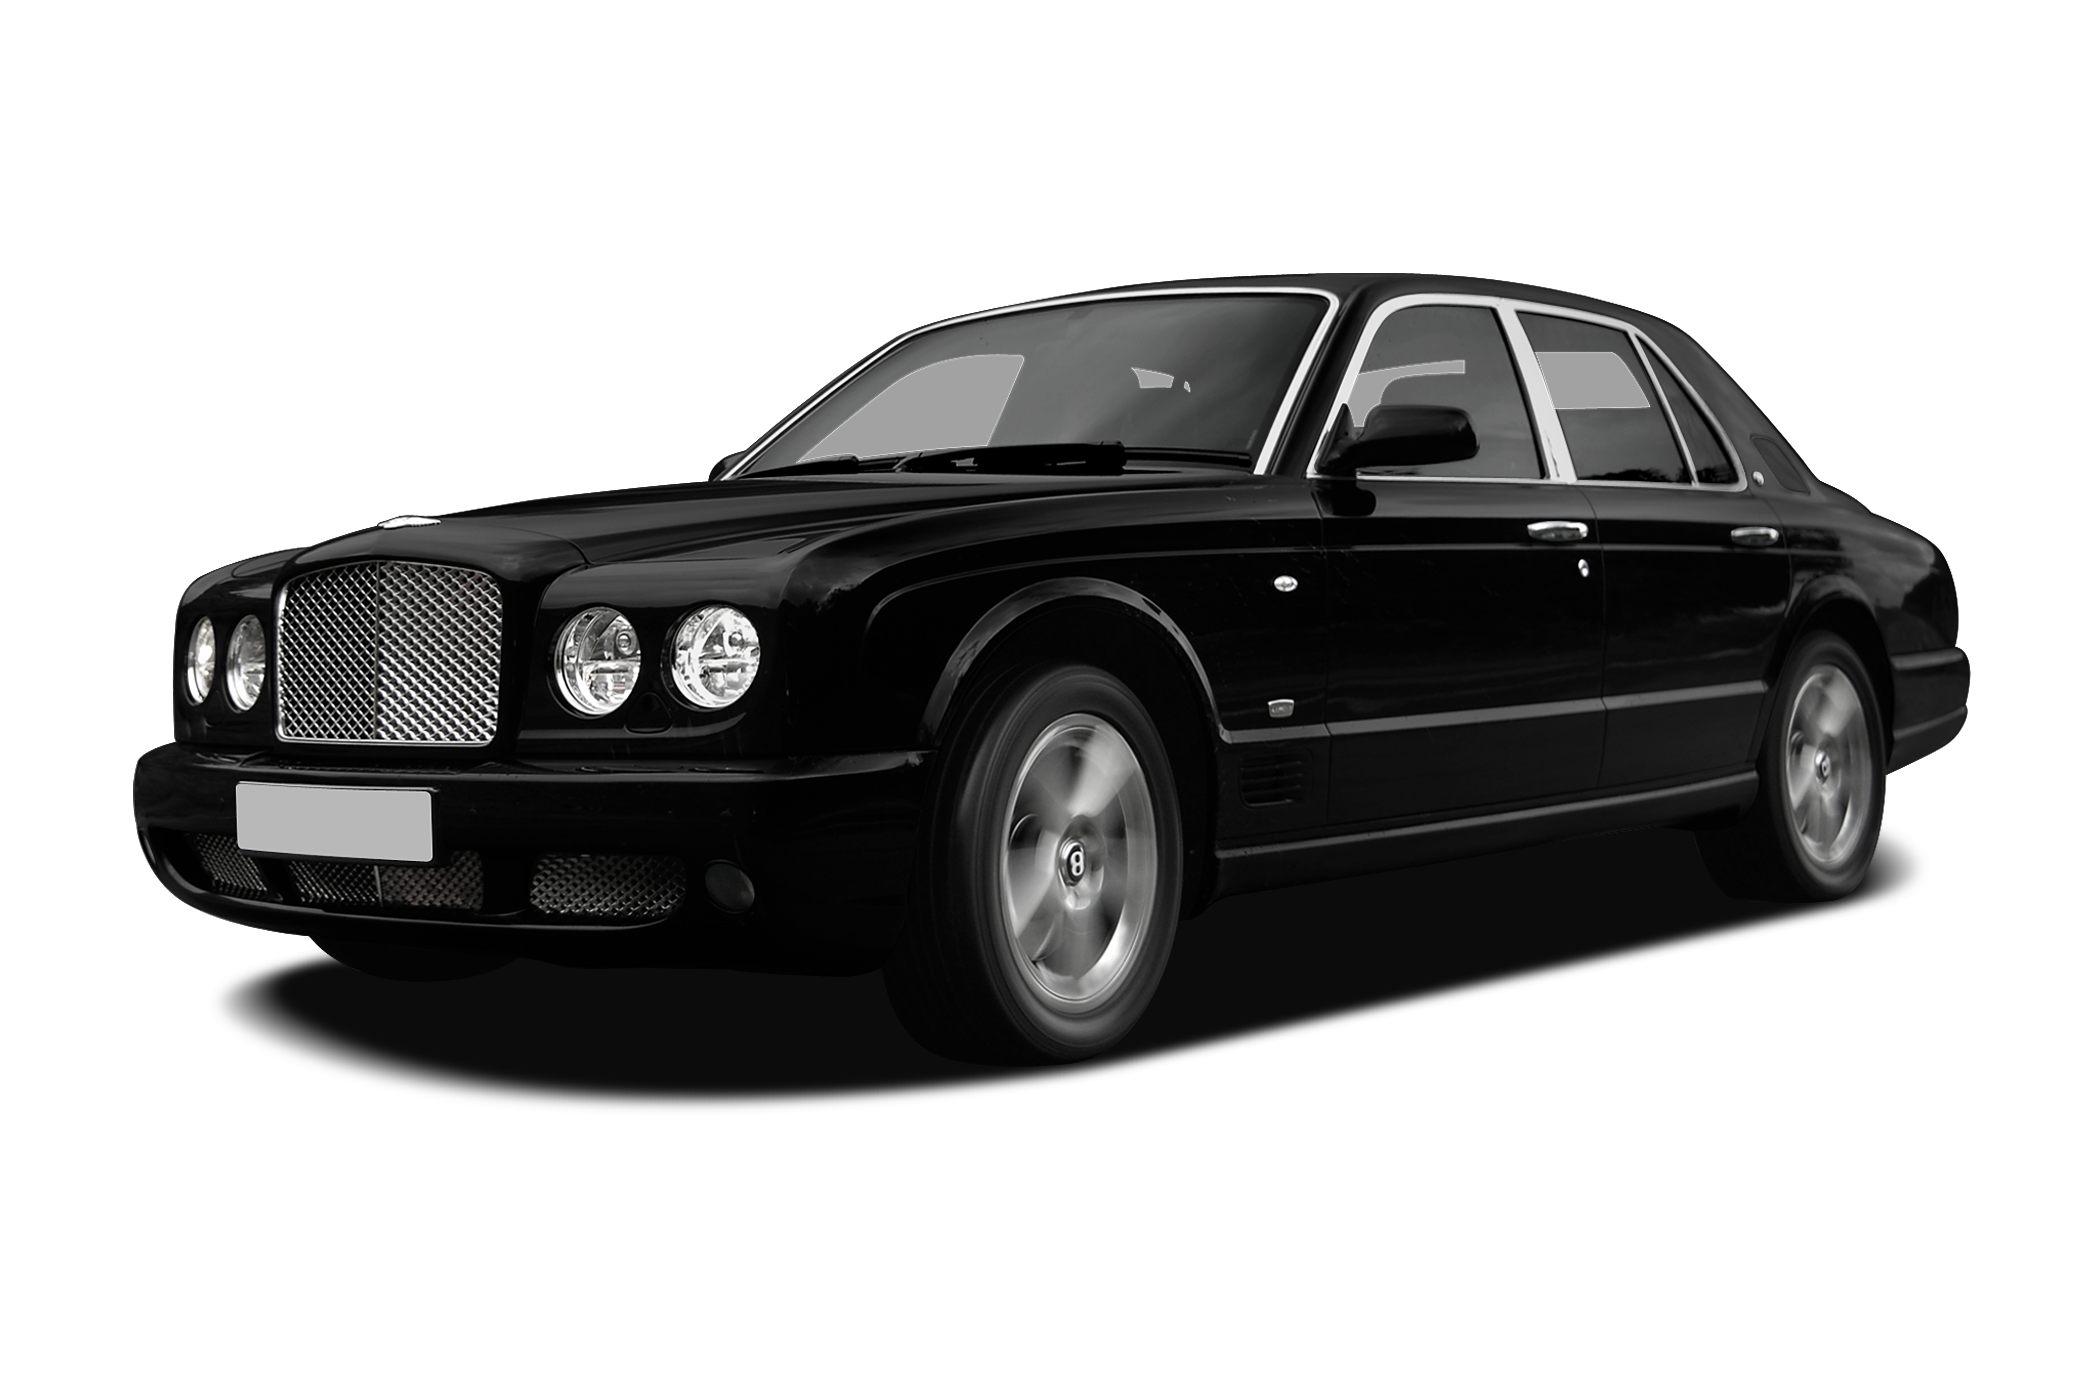 2009 Bentley Arnage